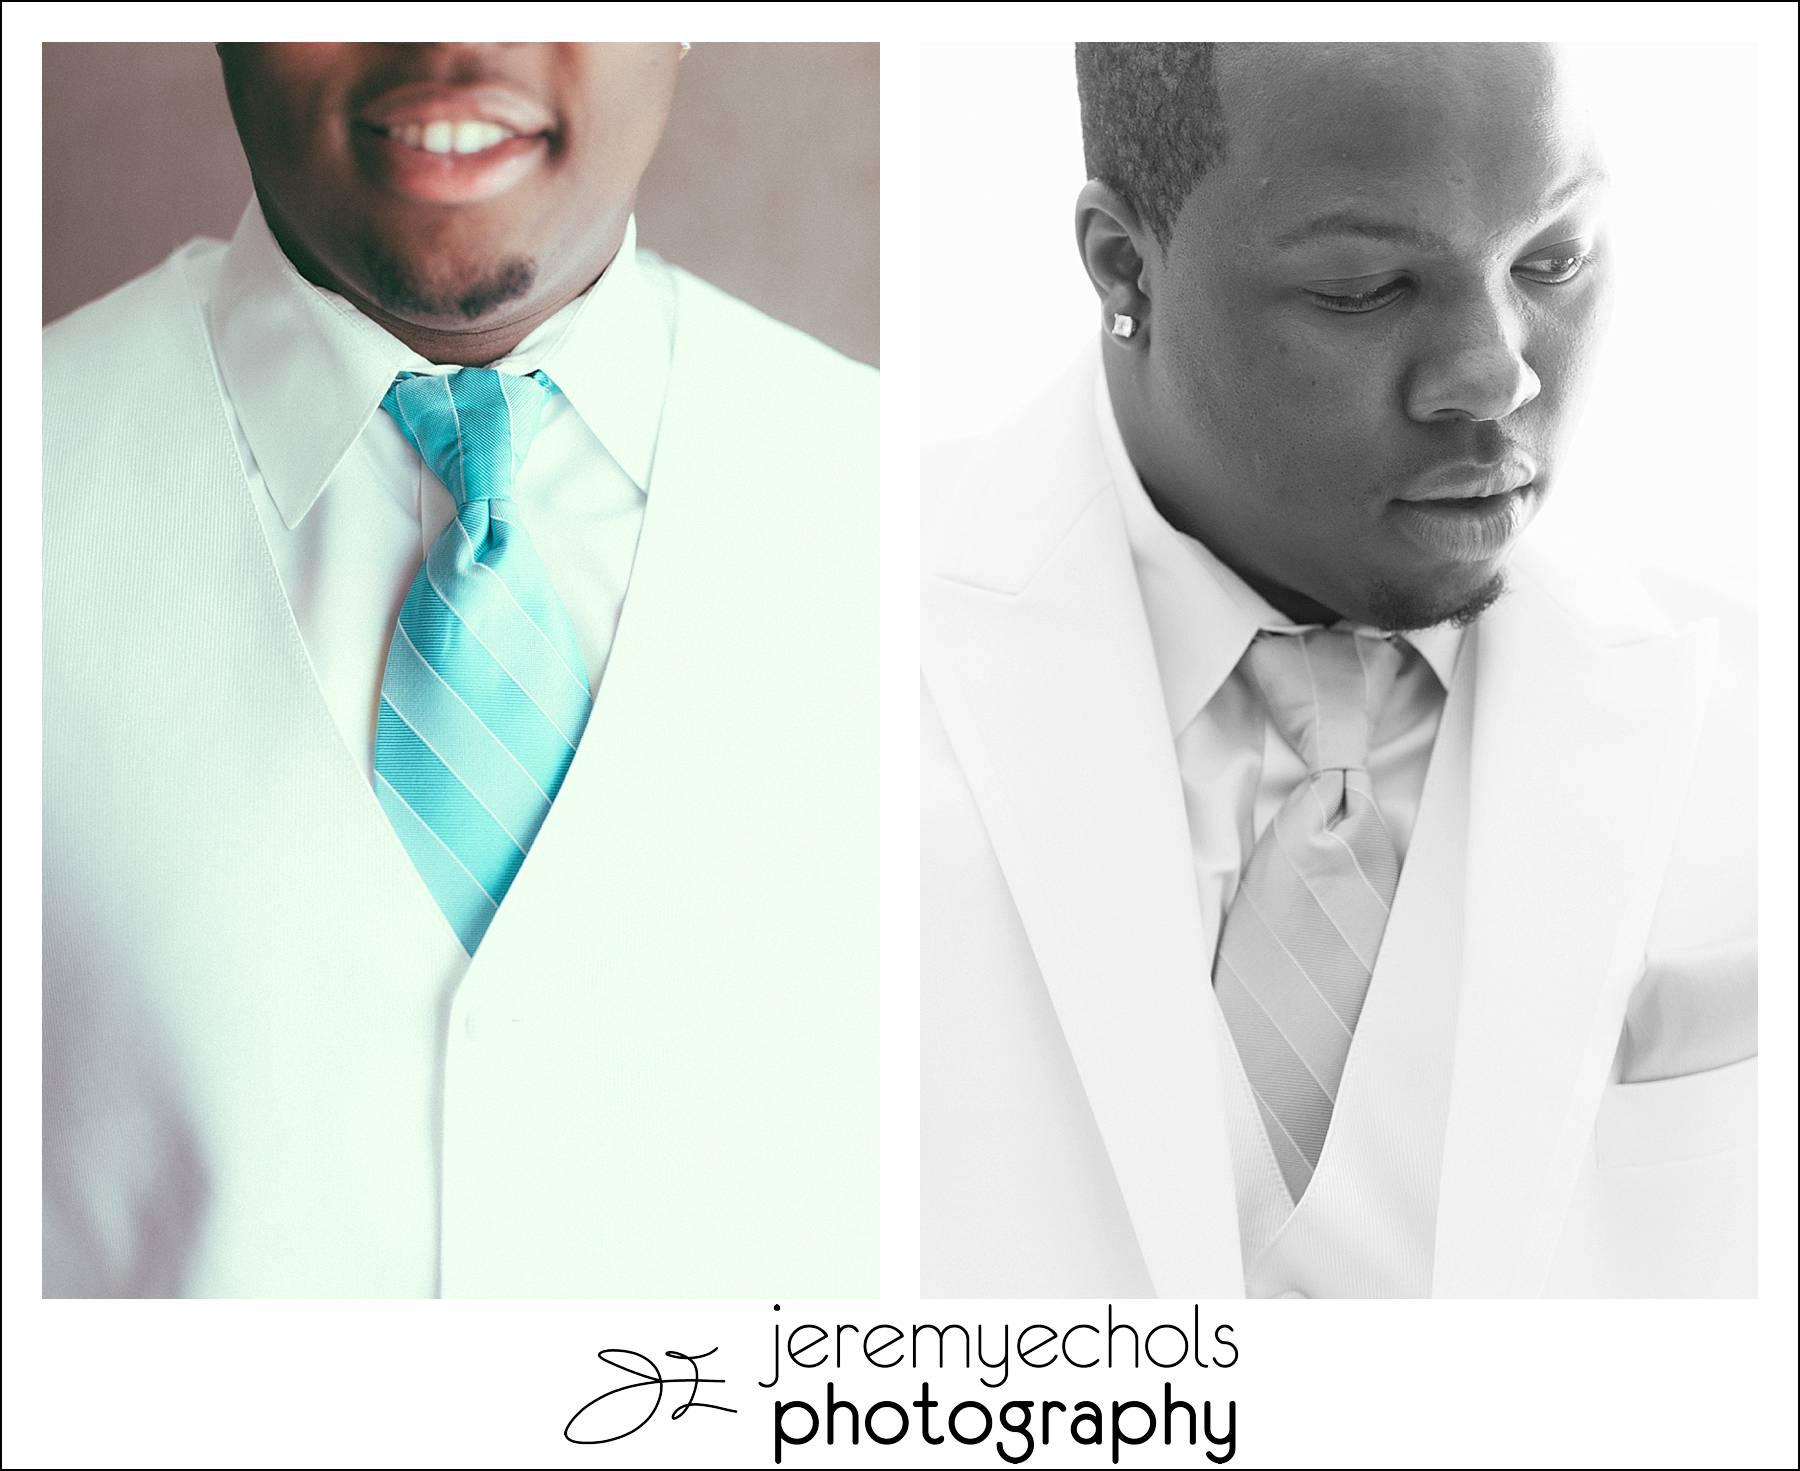 Marcus-Chelsea-Tacoma-Wedding-Photography-231_WEB.jpg